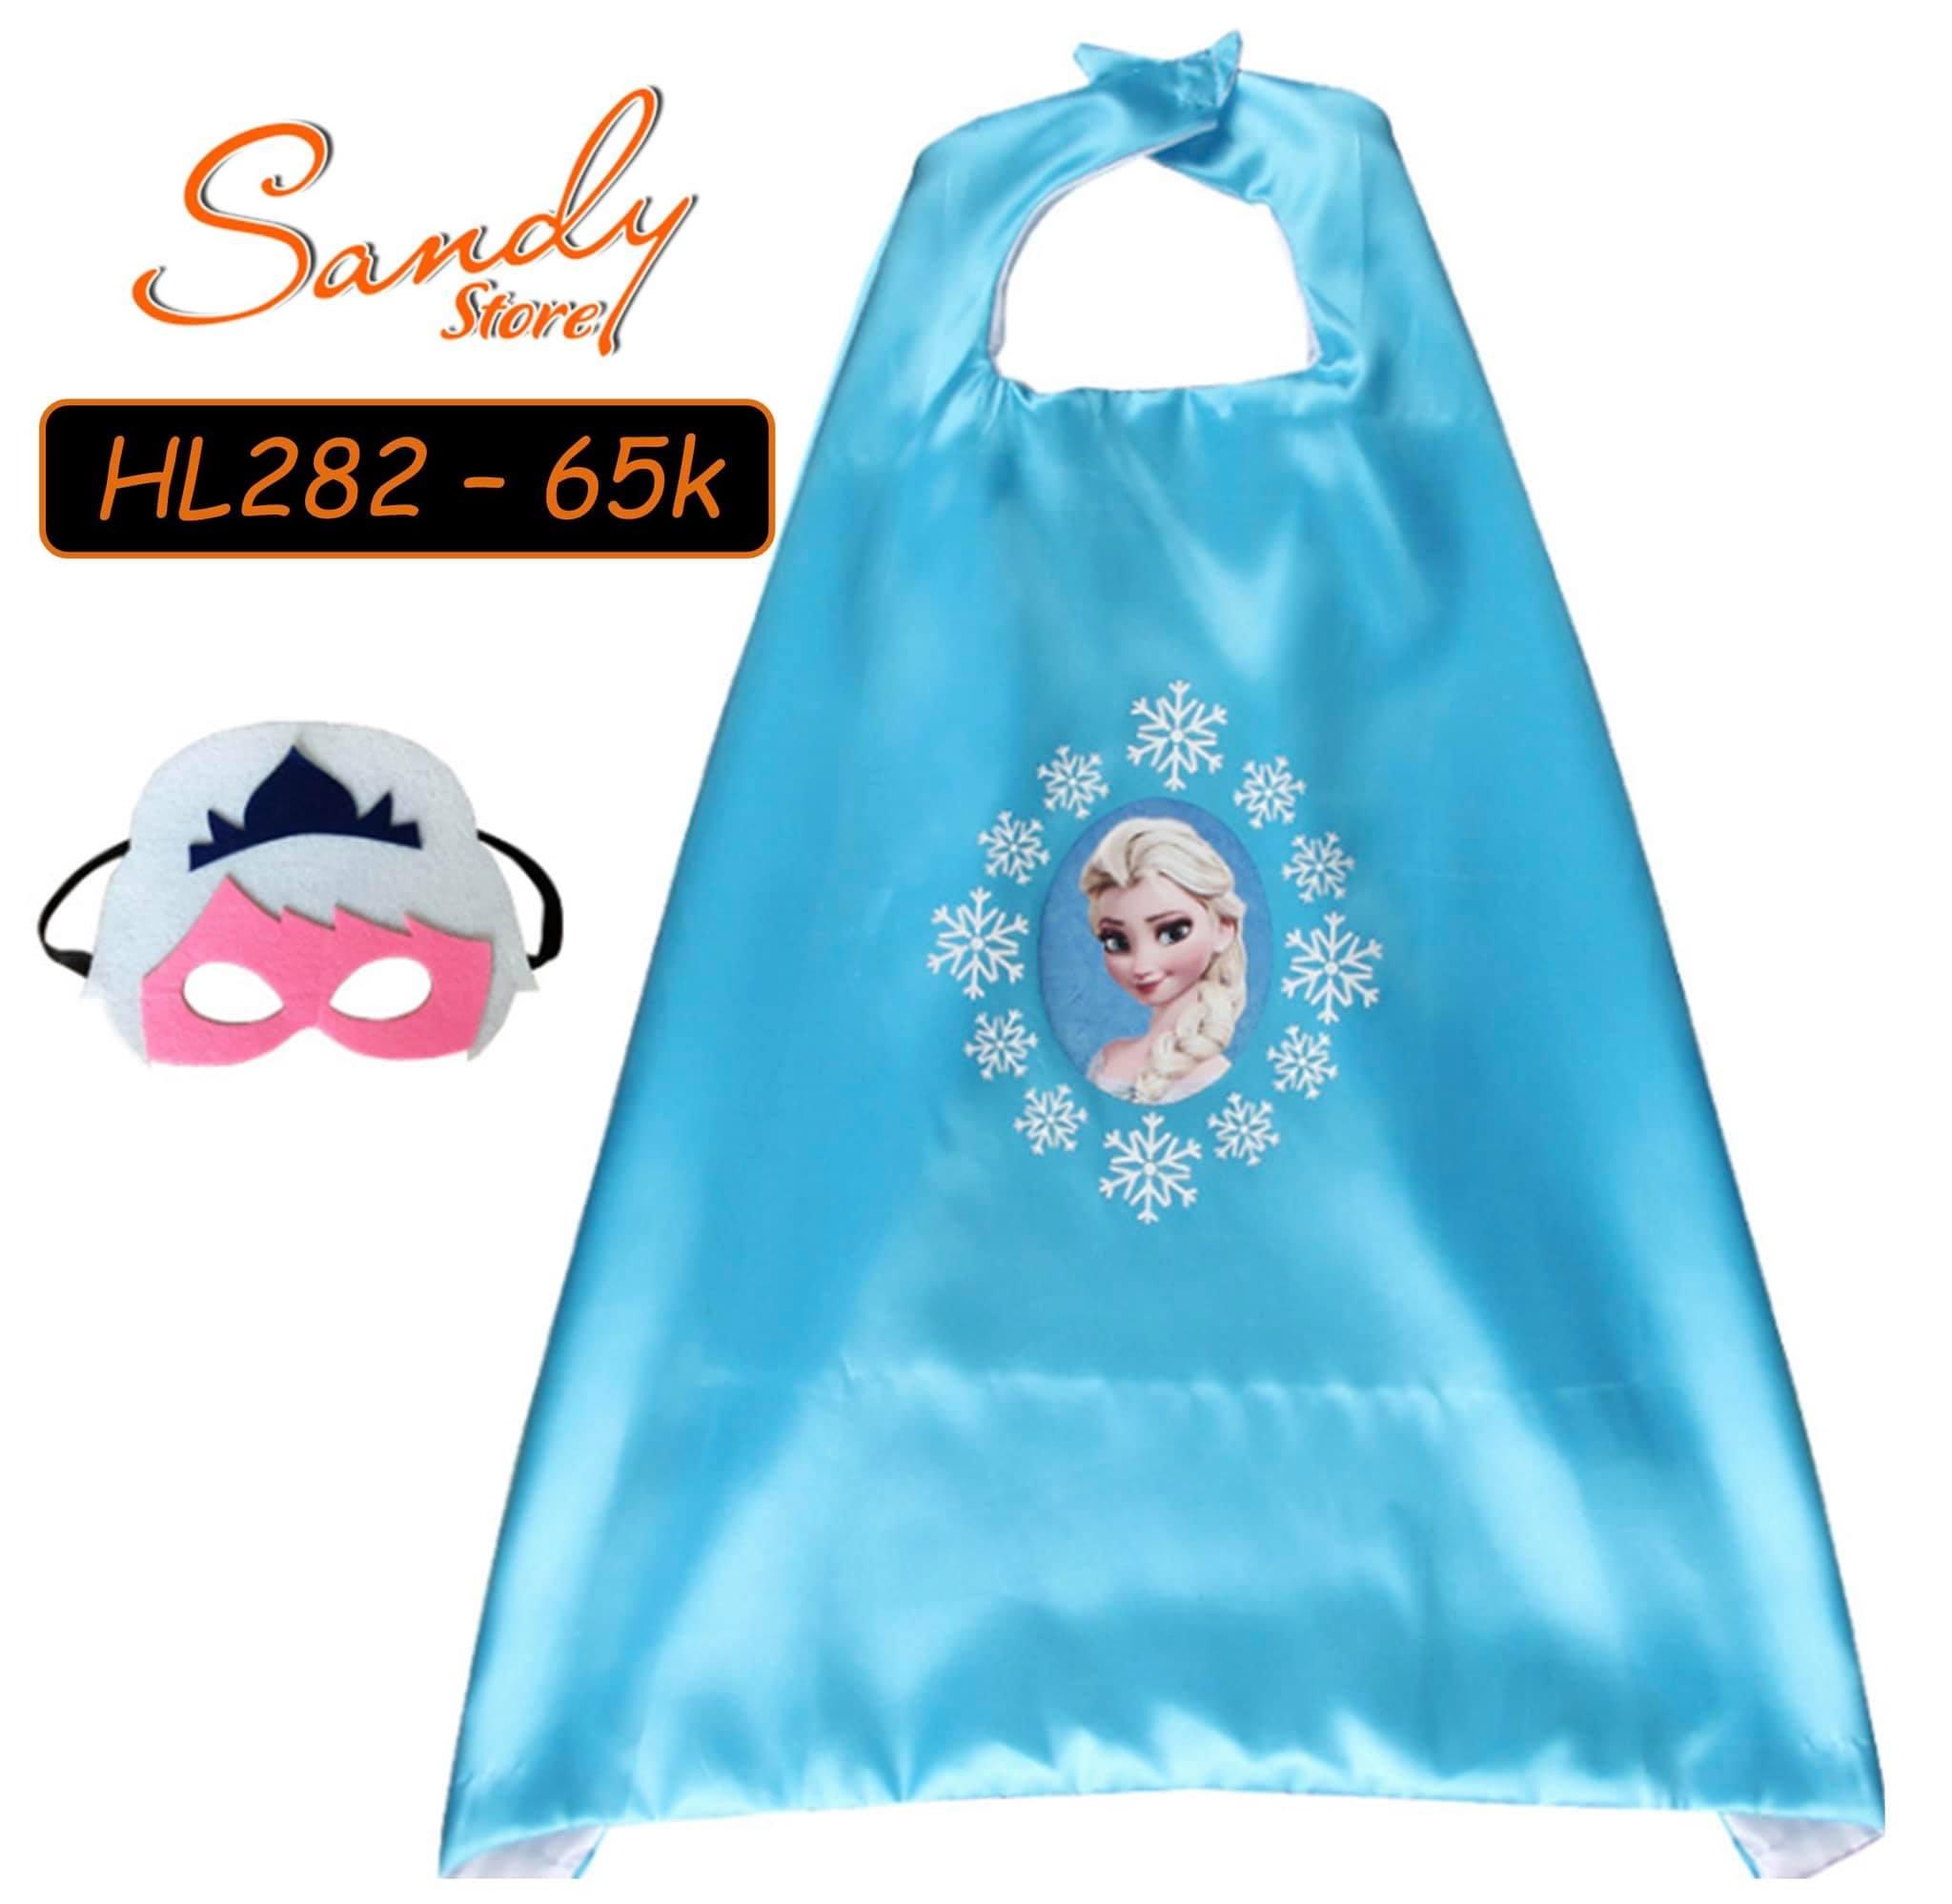 HL282 - Choàng Elsa Xanh + Mặt Nạ